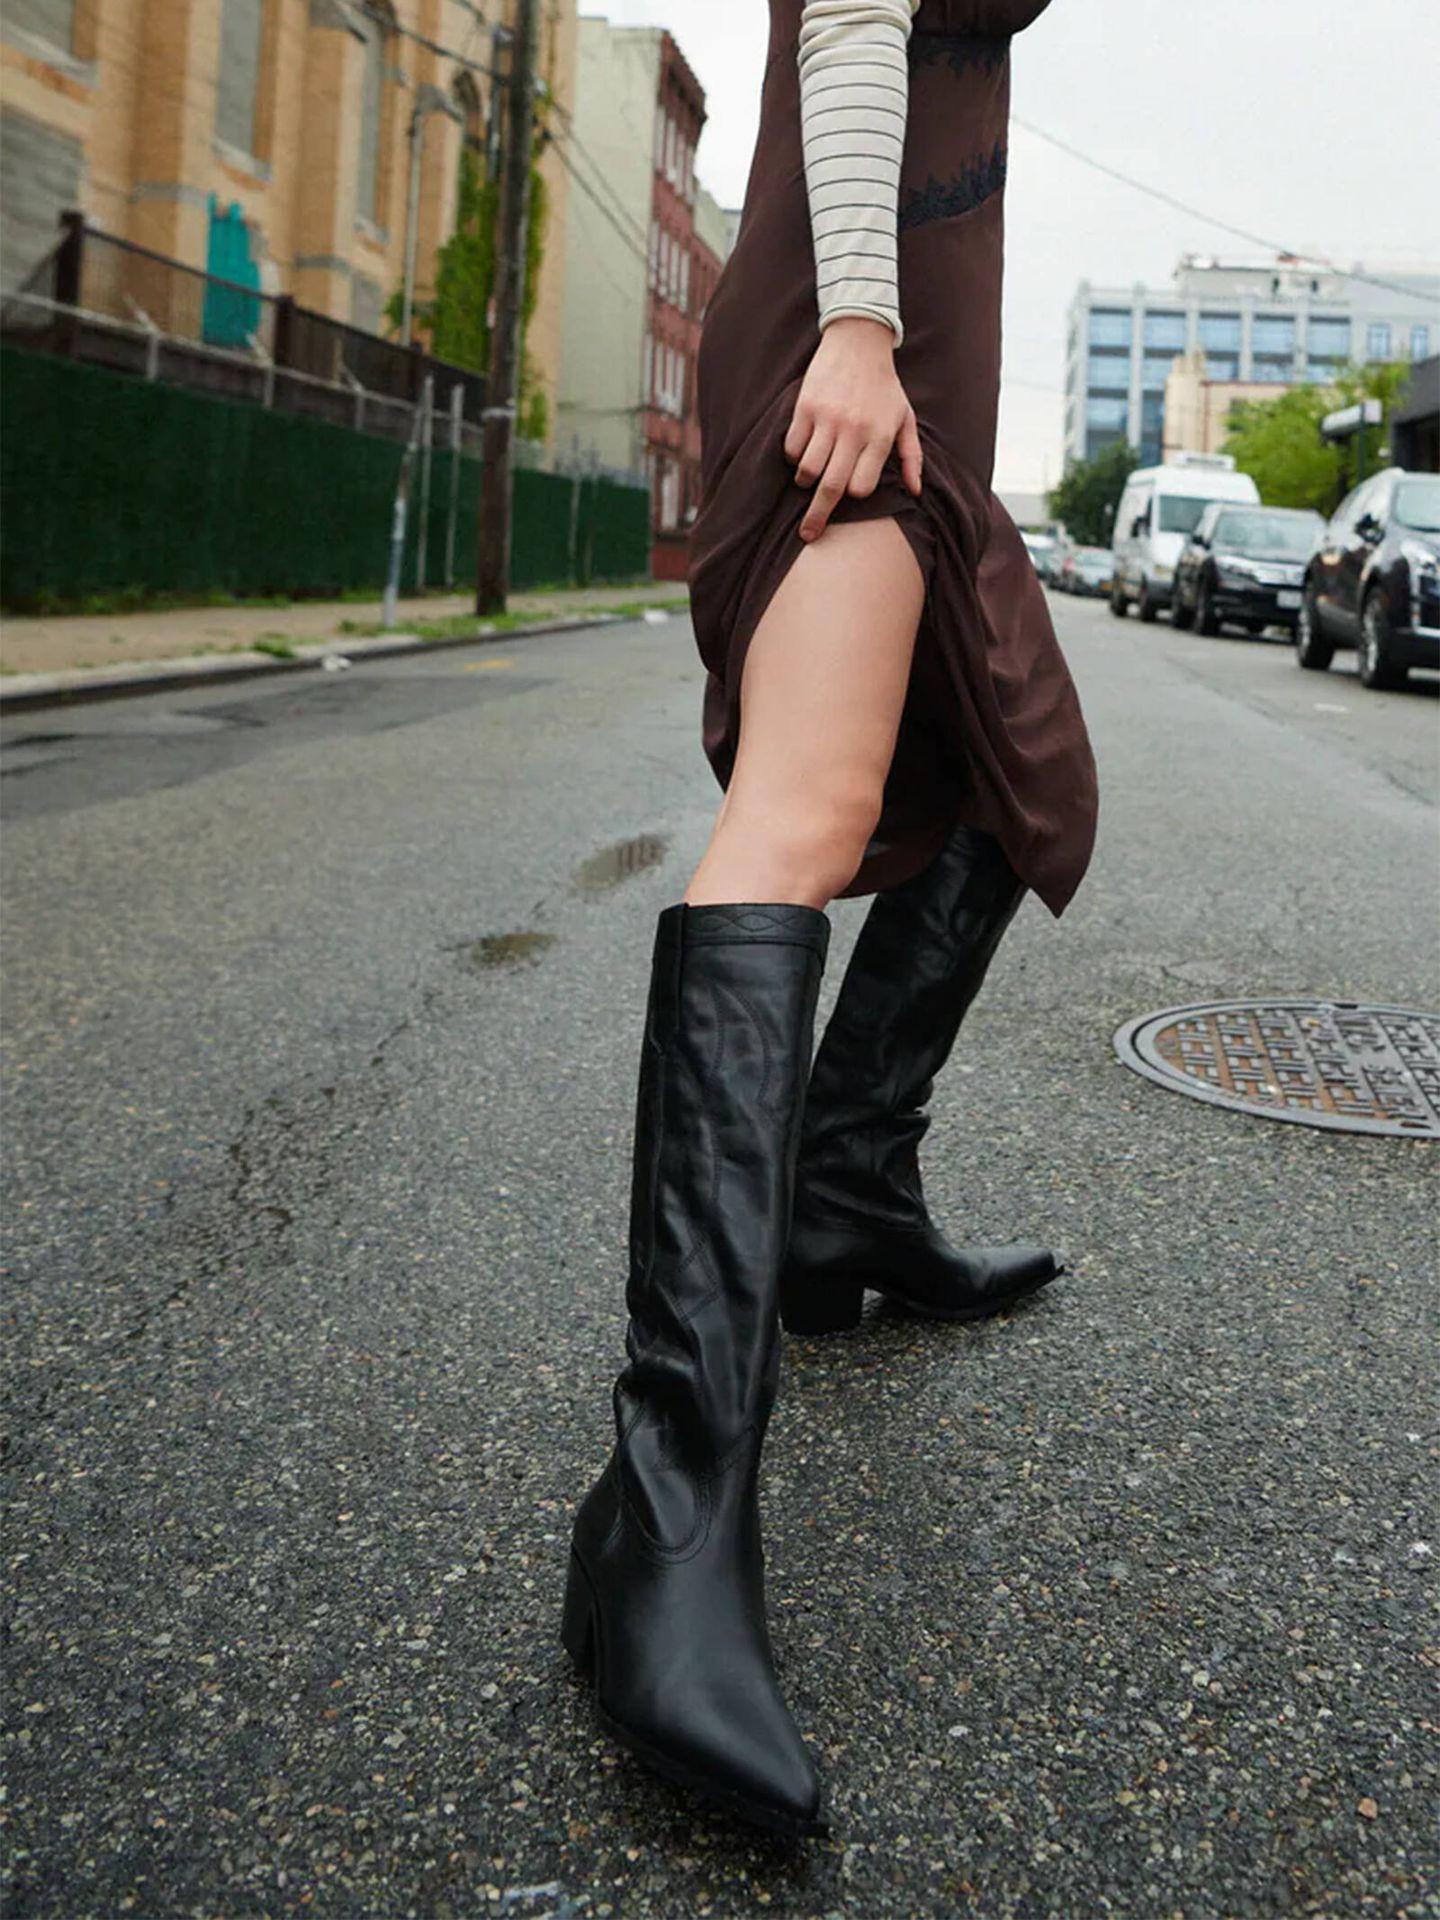 Botas camperas negras de Zara, una de las tendencias de la temporada. (Cortesía)